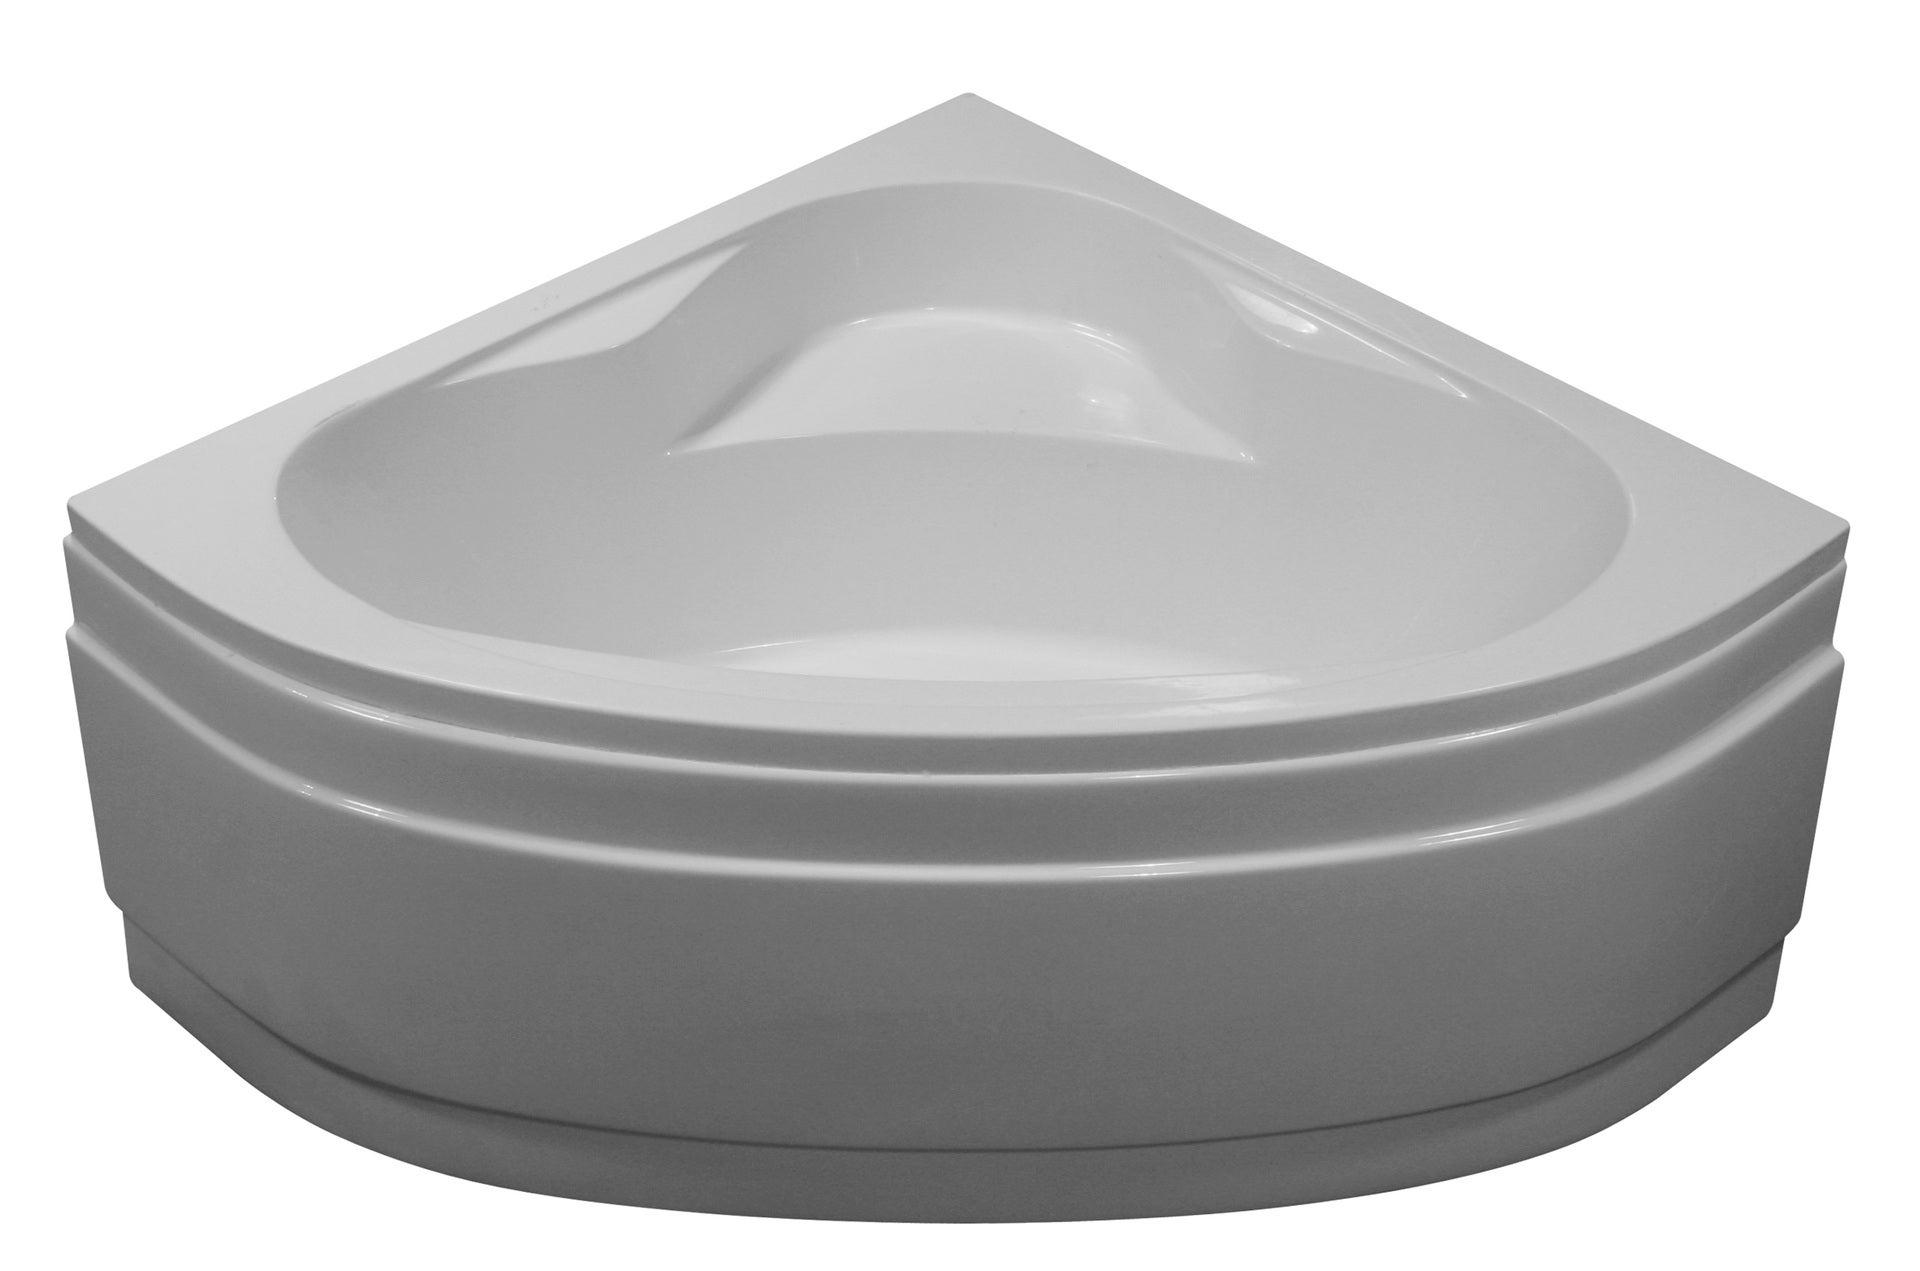 Baignoire D Angle L 115x L 115 Cm Blanc Sensea Access Confort Leroy Merlin